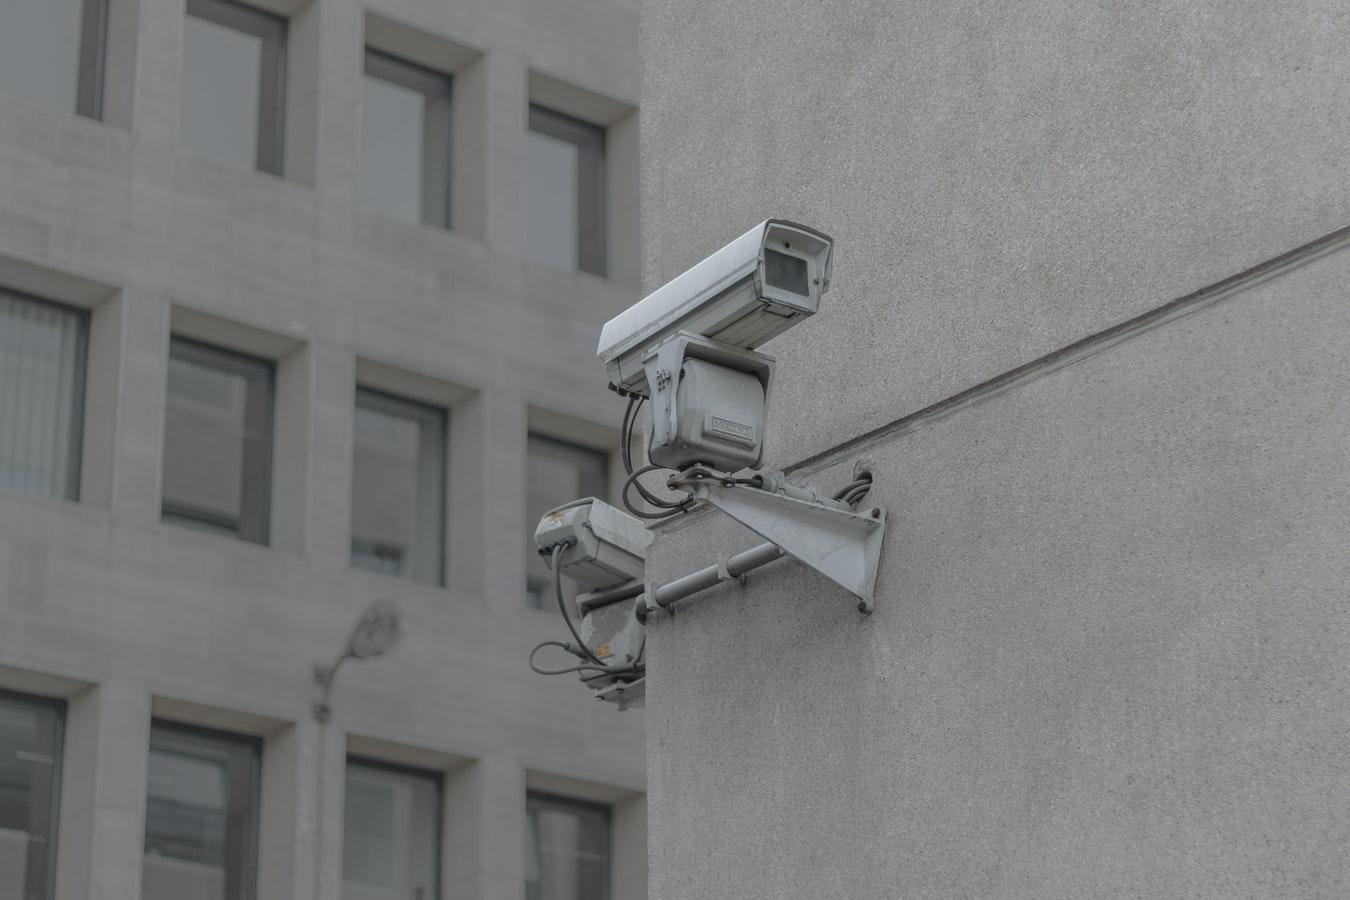 Systemy rozpoznawania twarzy całkowicie zakazane w Portland